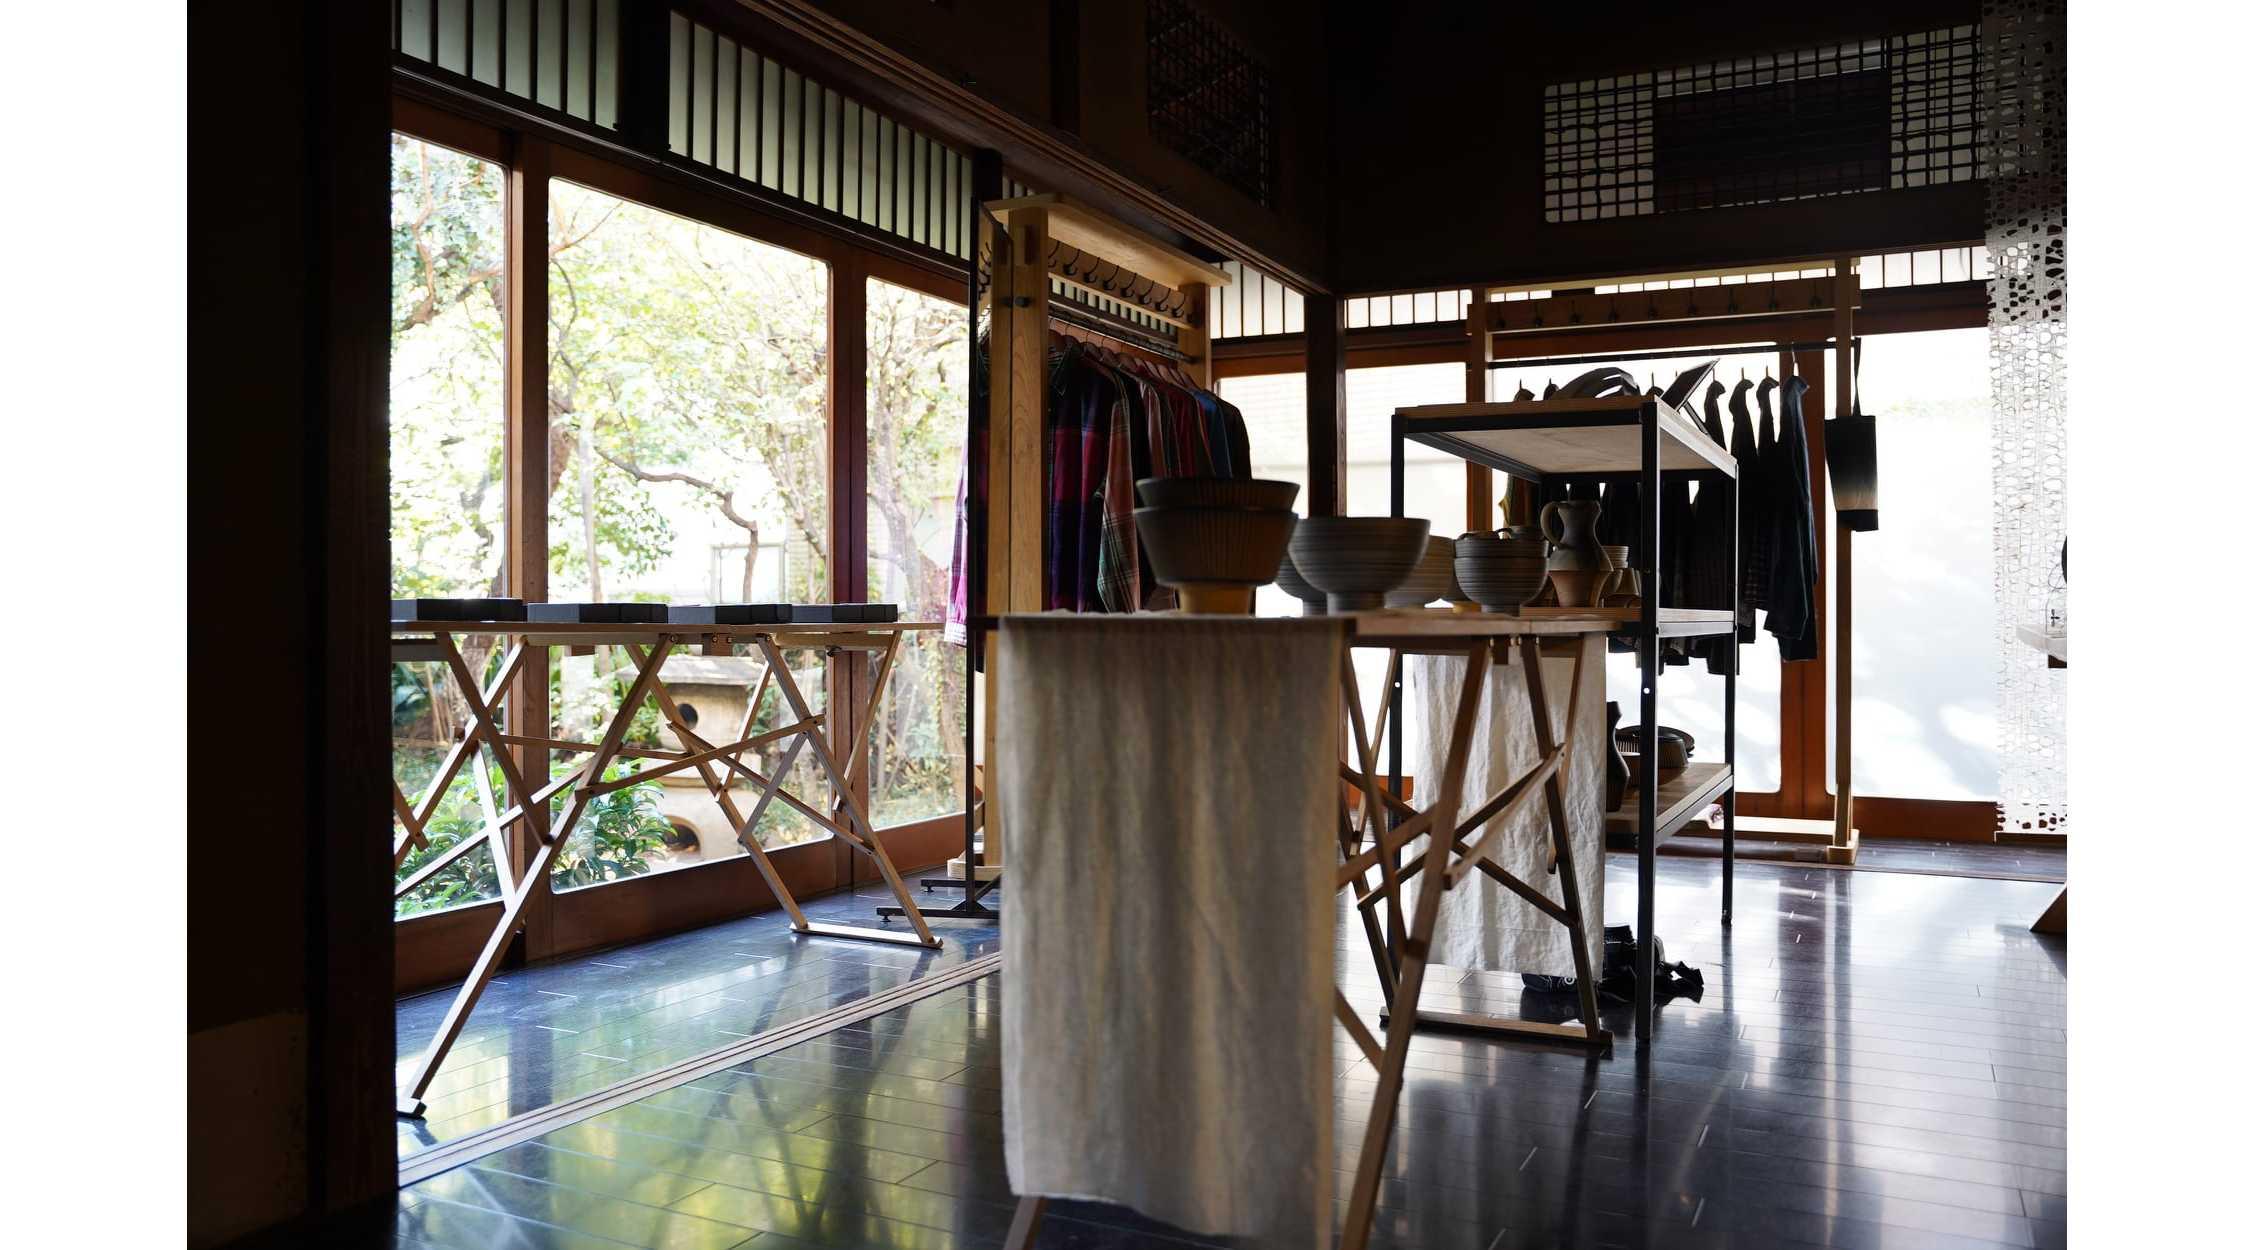 マーケット・エキシビジョン「Meguriwa (めぐりわ)展」1